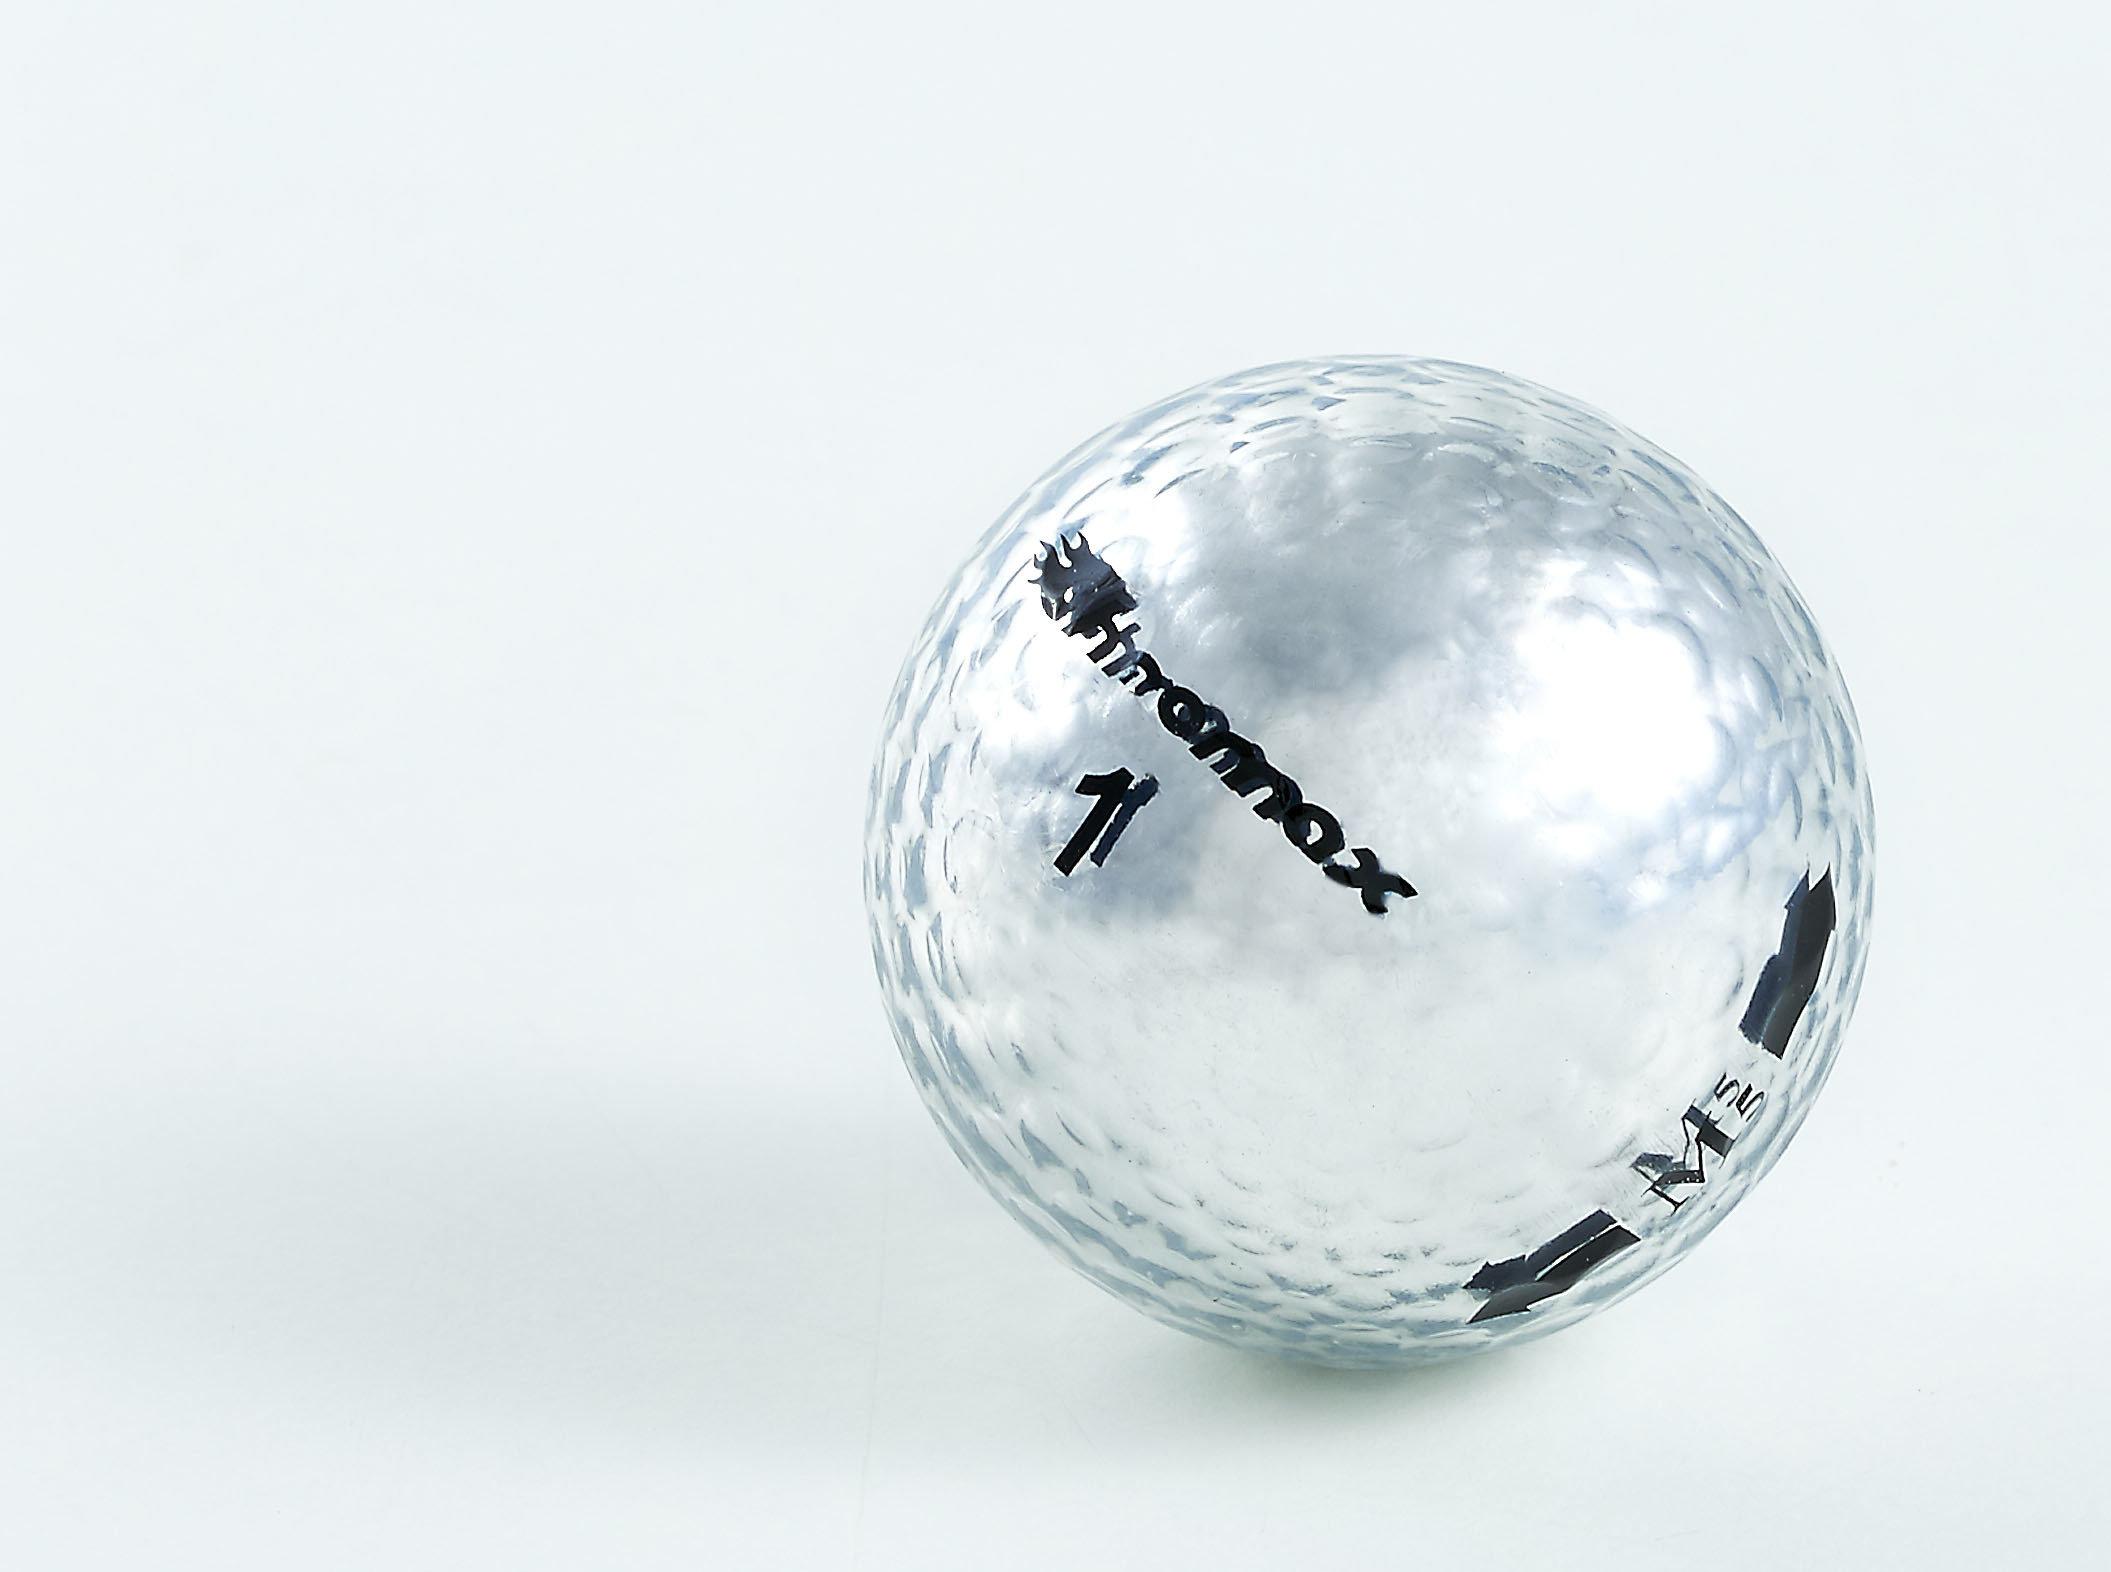 Chromax silver golf ball M5 single